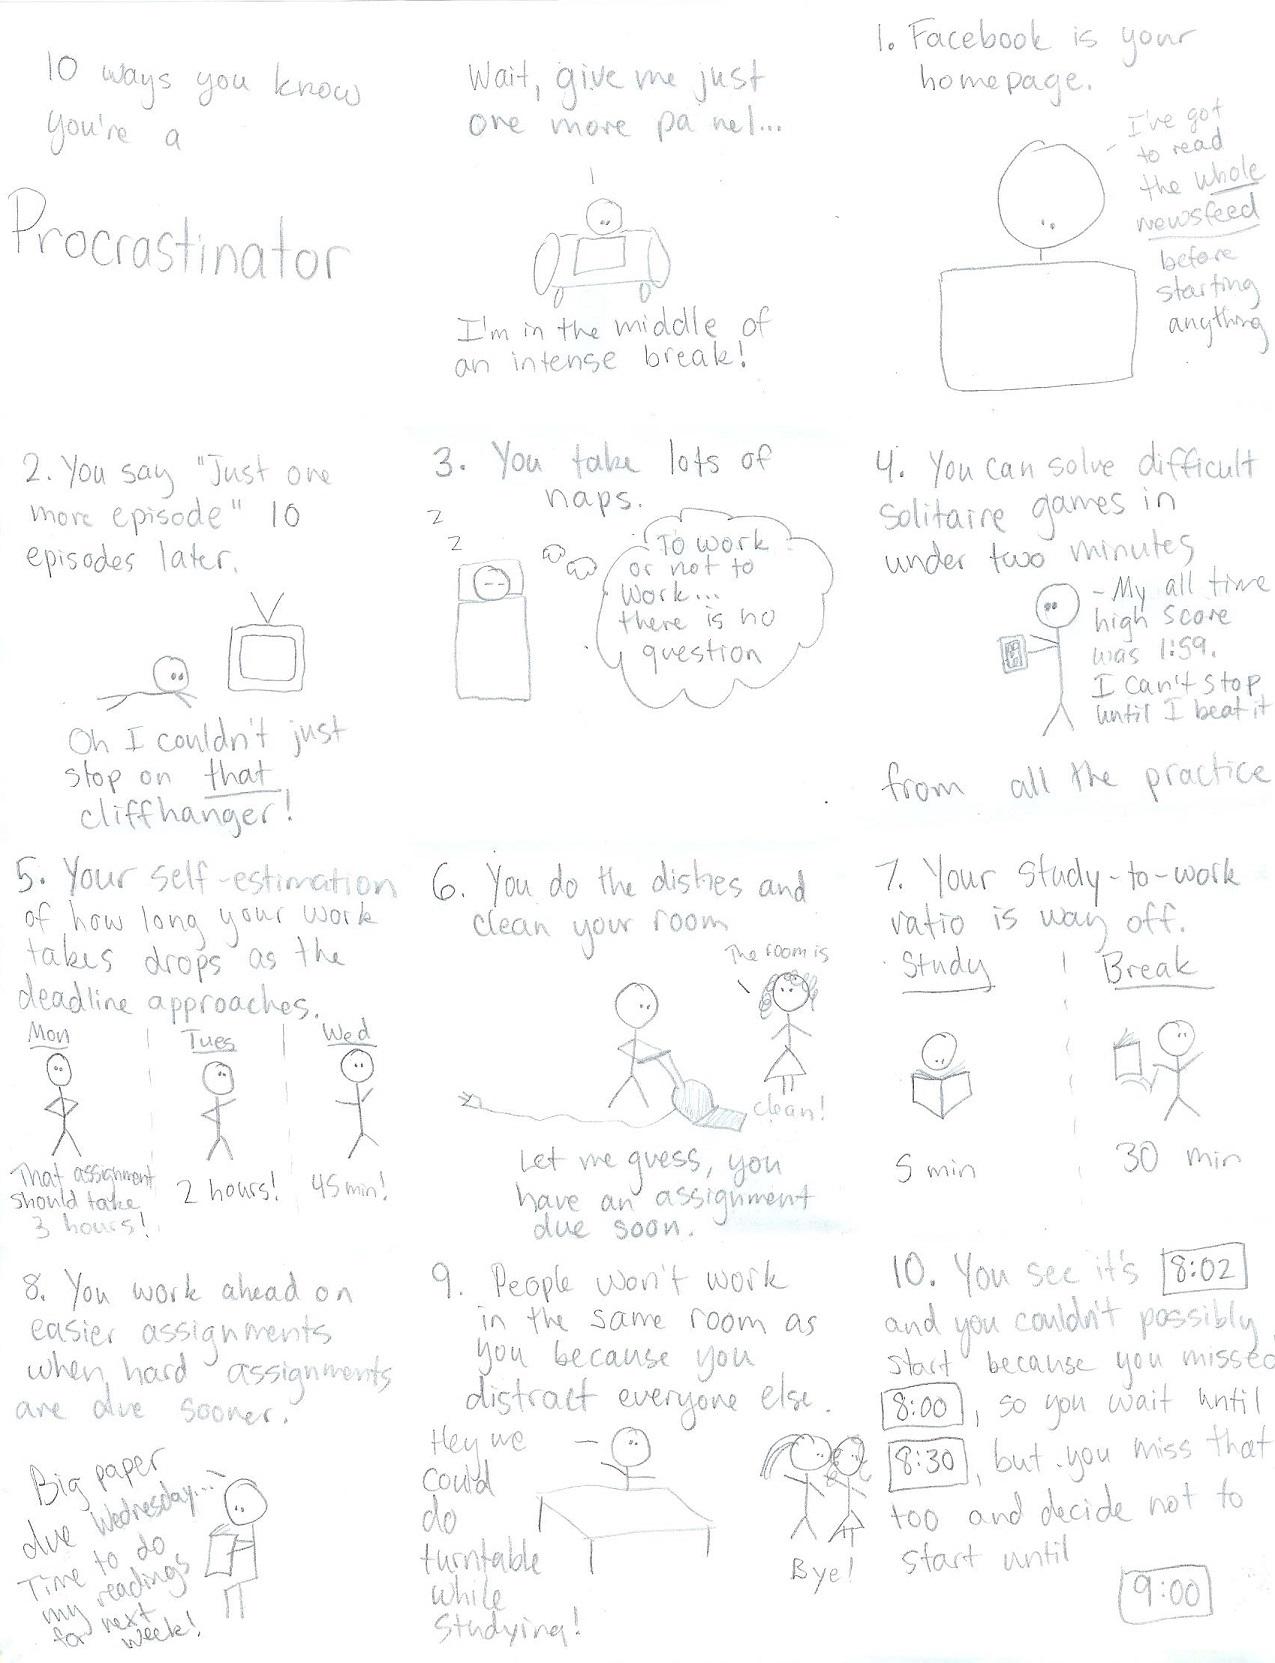 10 ways you know you're a procrastinator